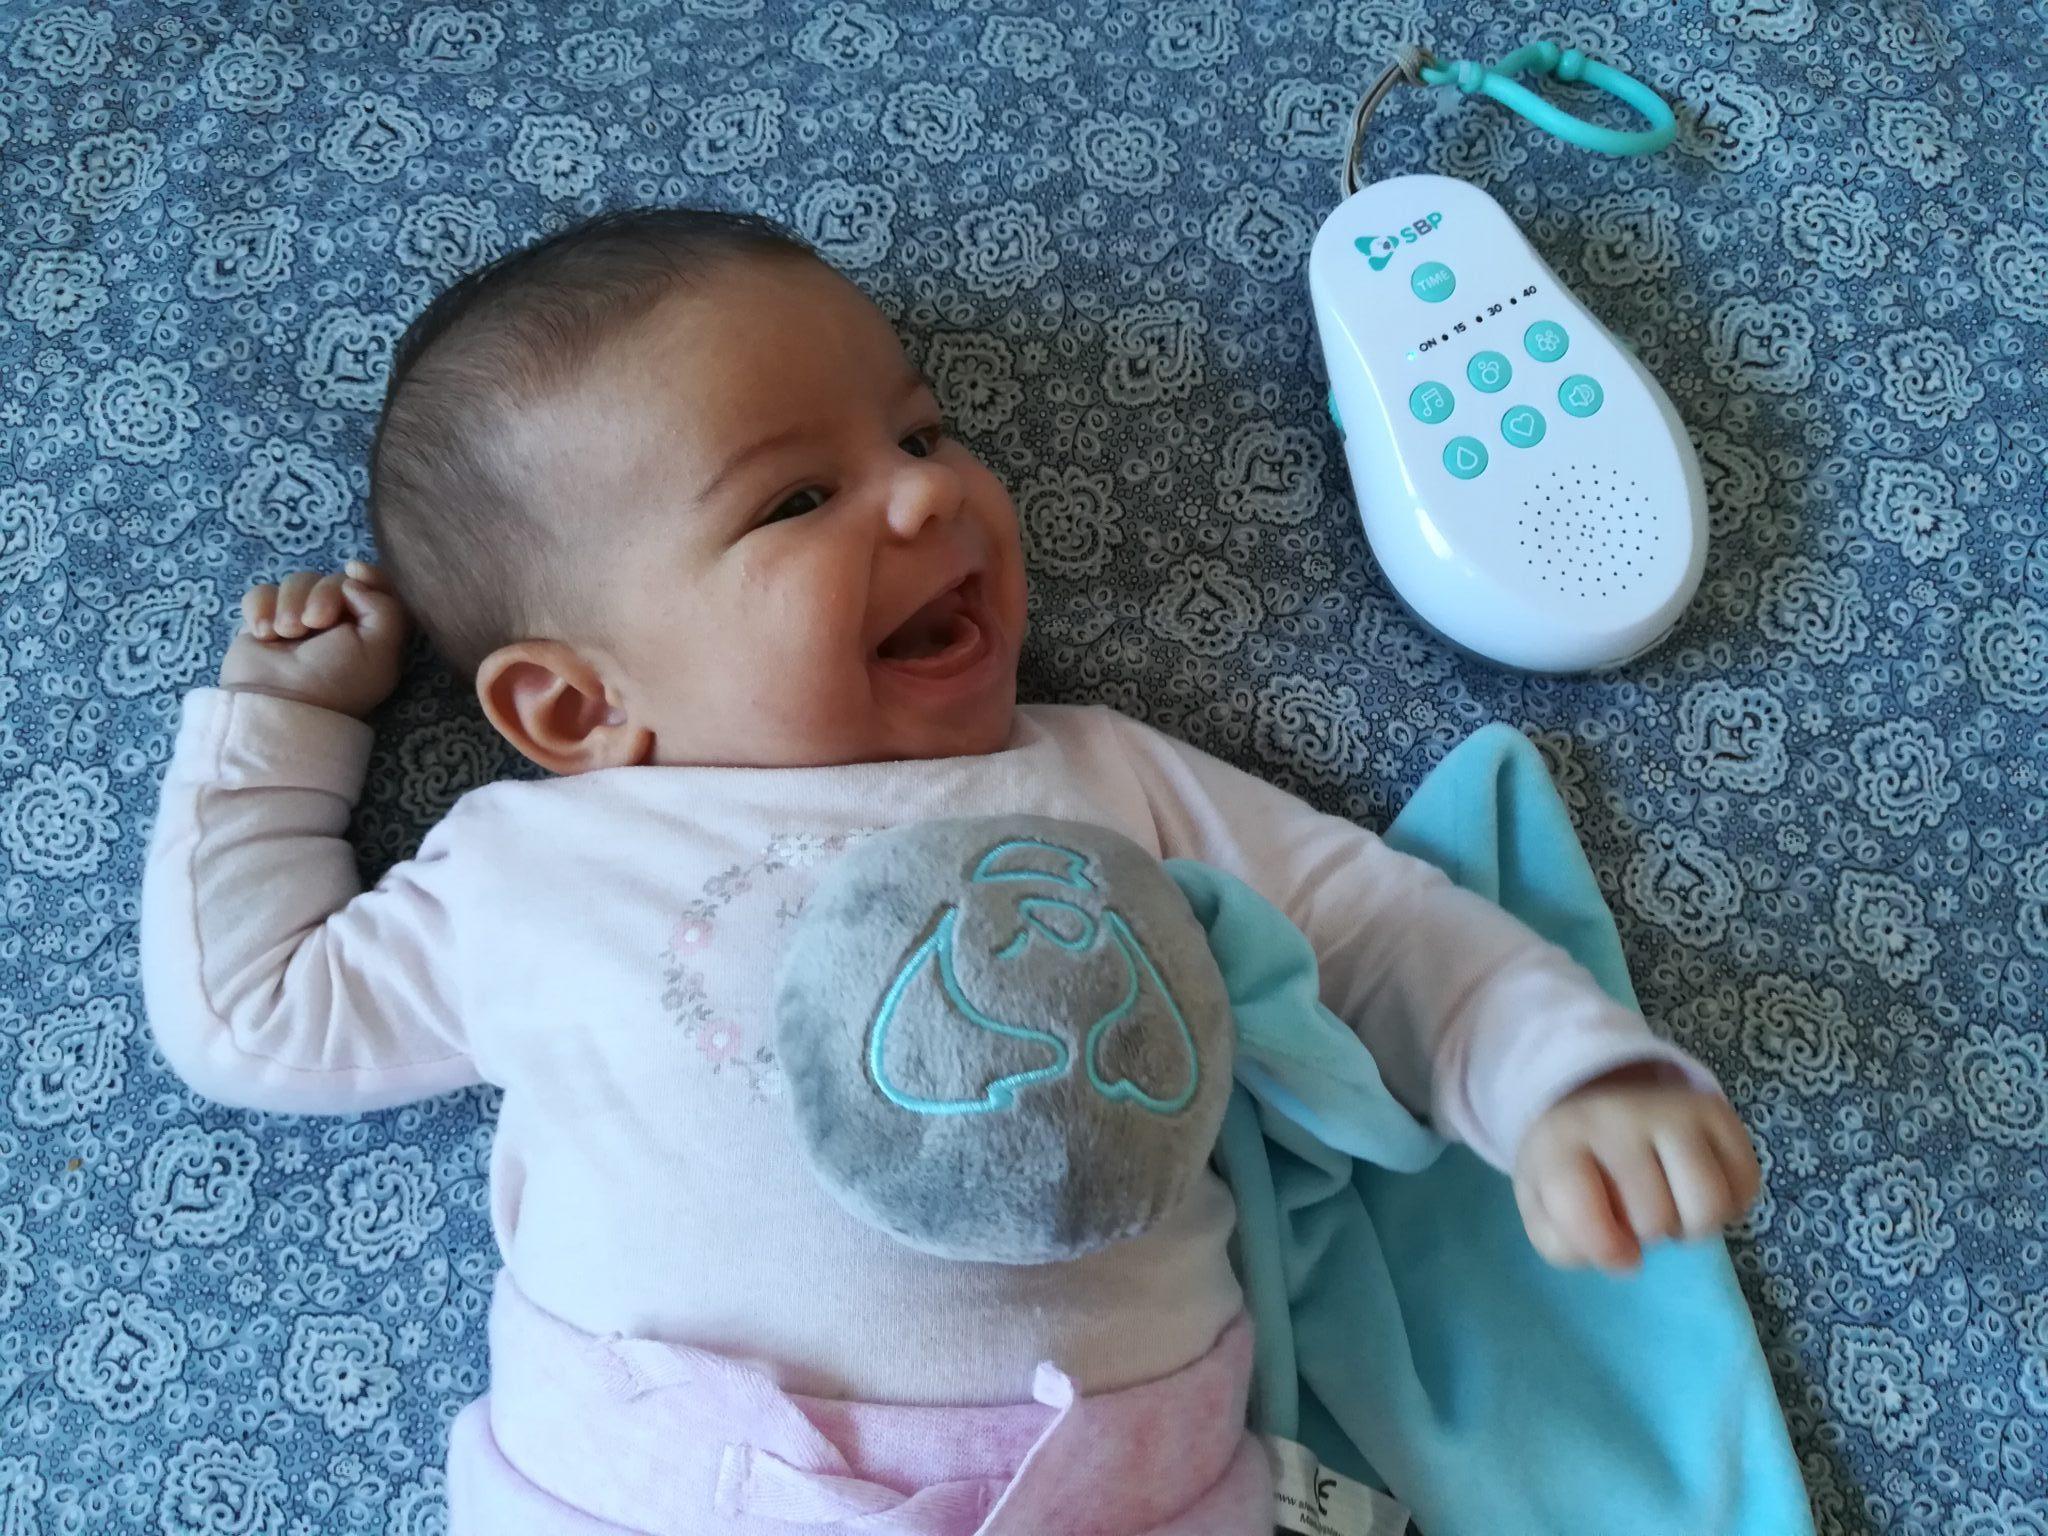 IMG 20181008 120444 e1540220914825 - Sleeping Baby Play. Musicoterapia para bebés.